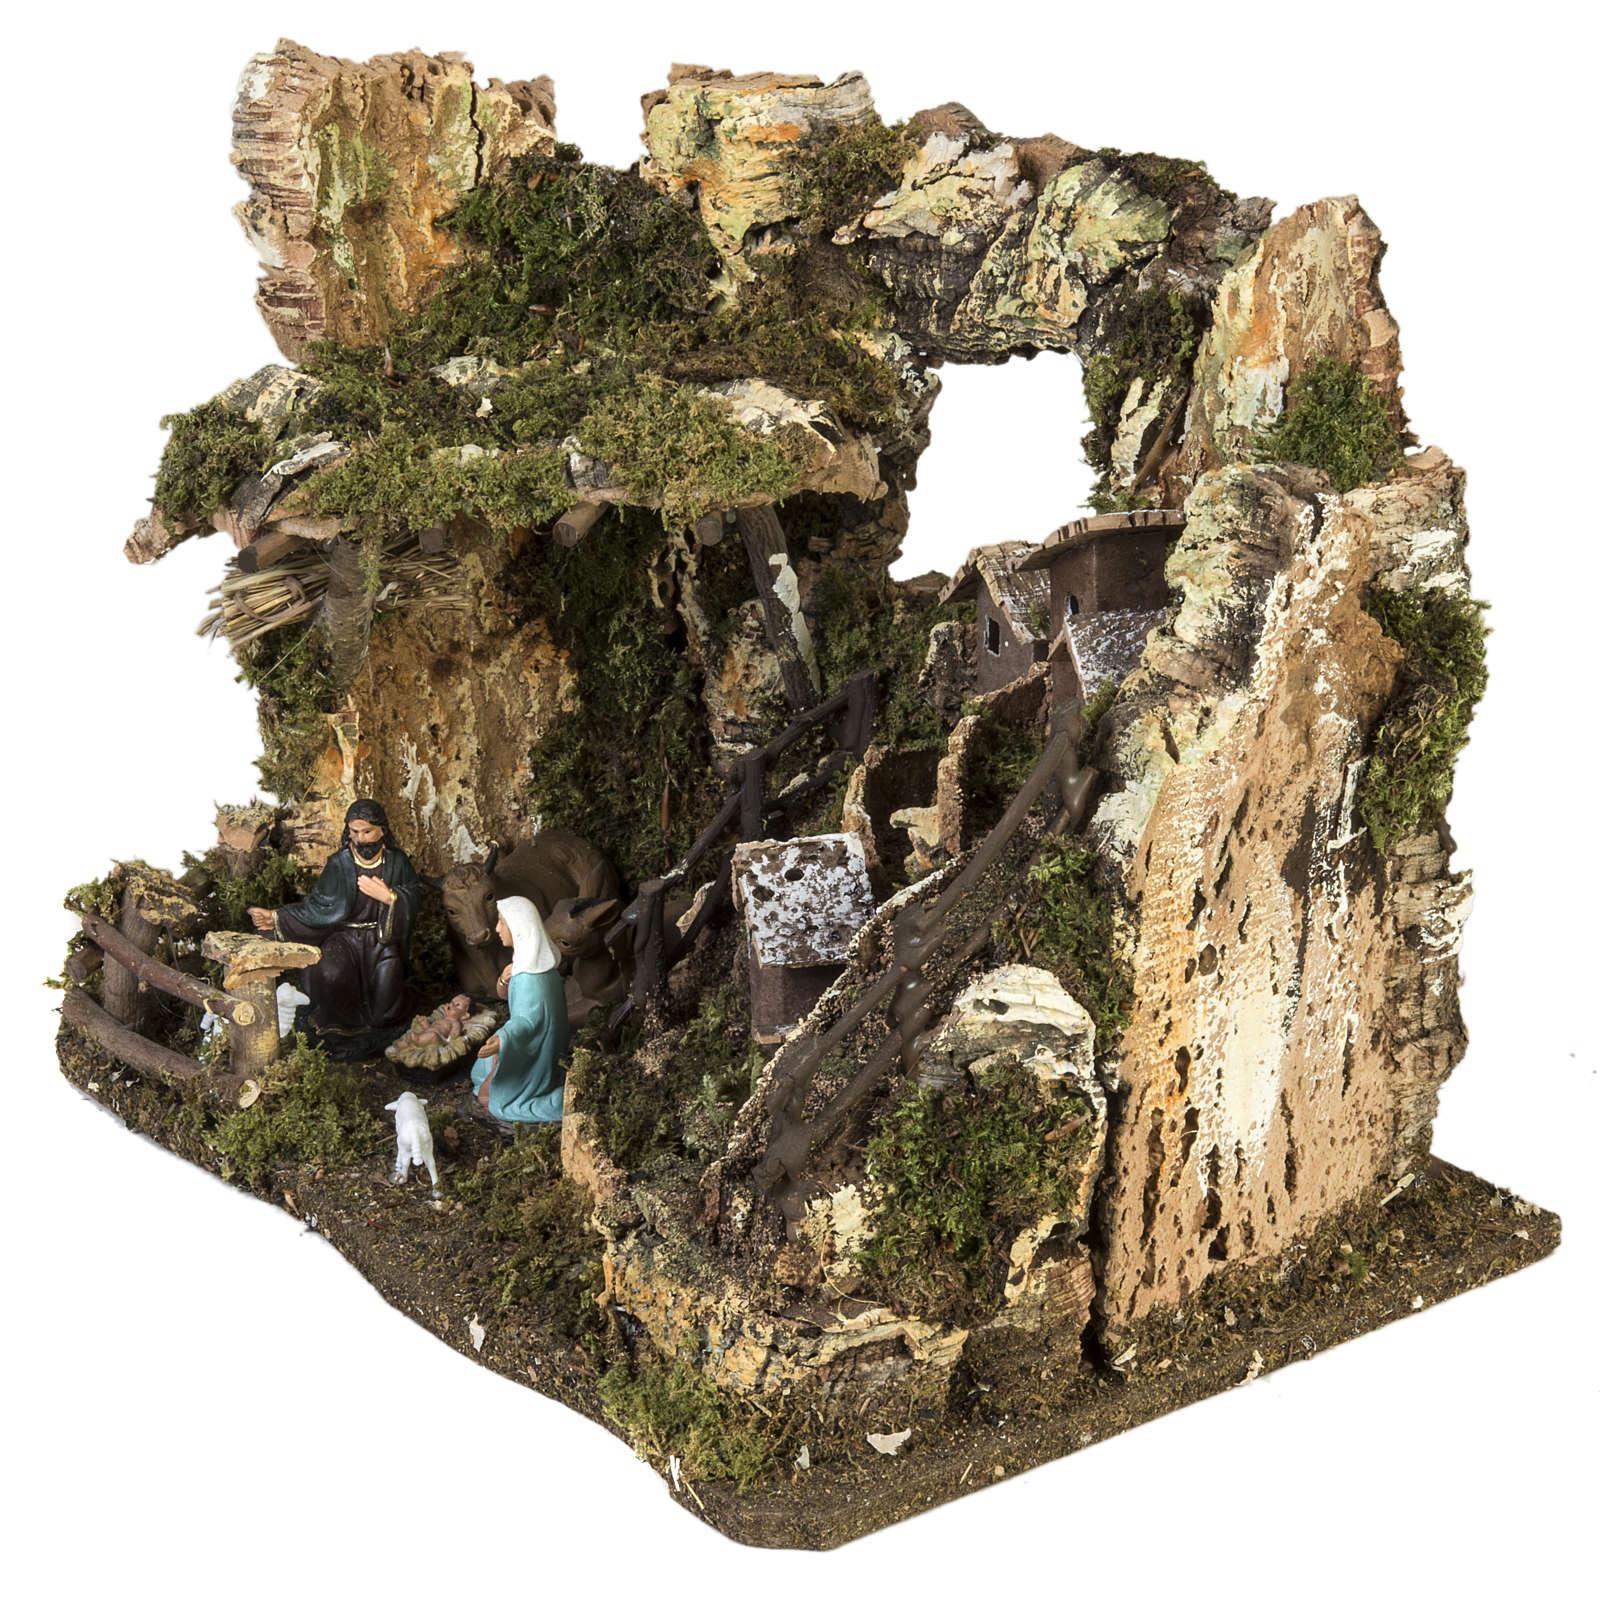 Bourg crèche Noel avec grotte 28x38x28 cm 4